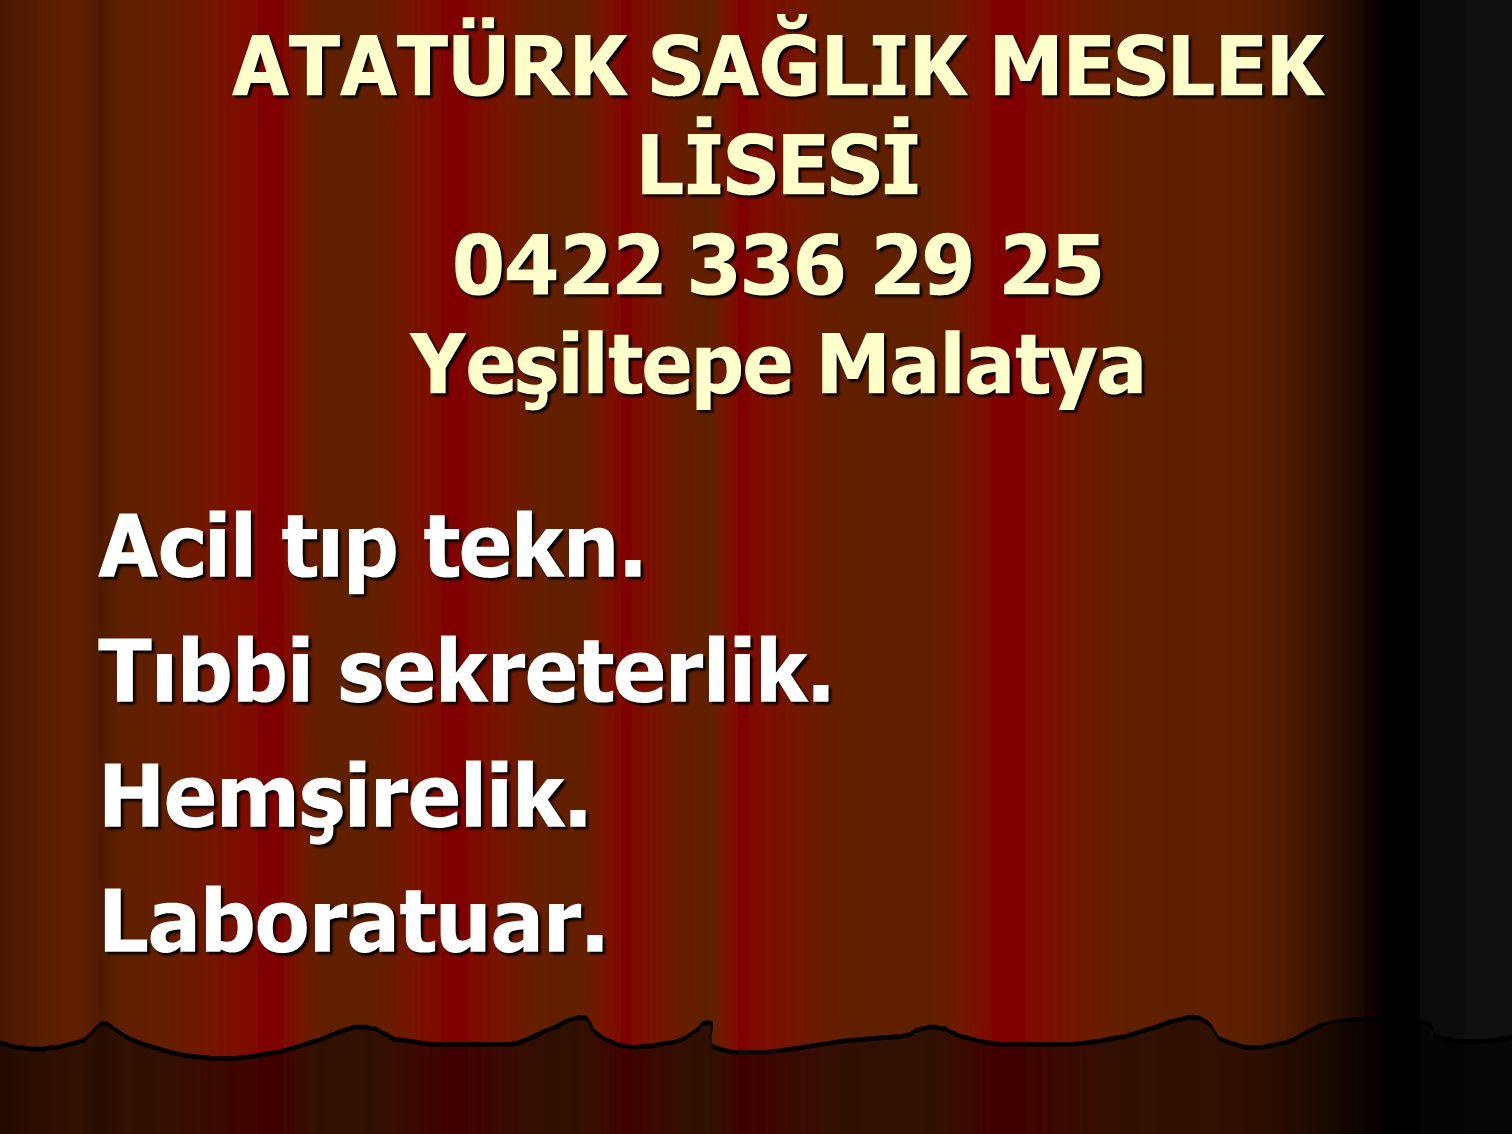 ATATÜRK SAĞLIK MESLEK LİSESİ 0422 336 29 25 Yeşiltepe Malatya Acil tıp tekn.